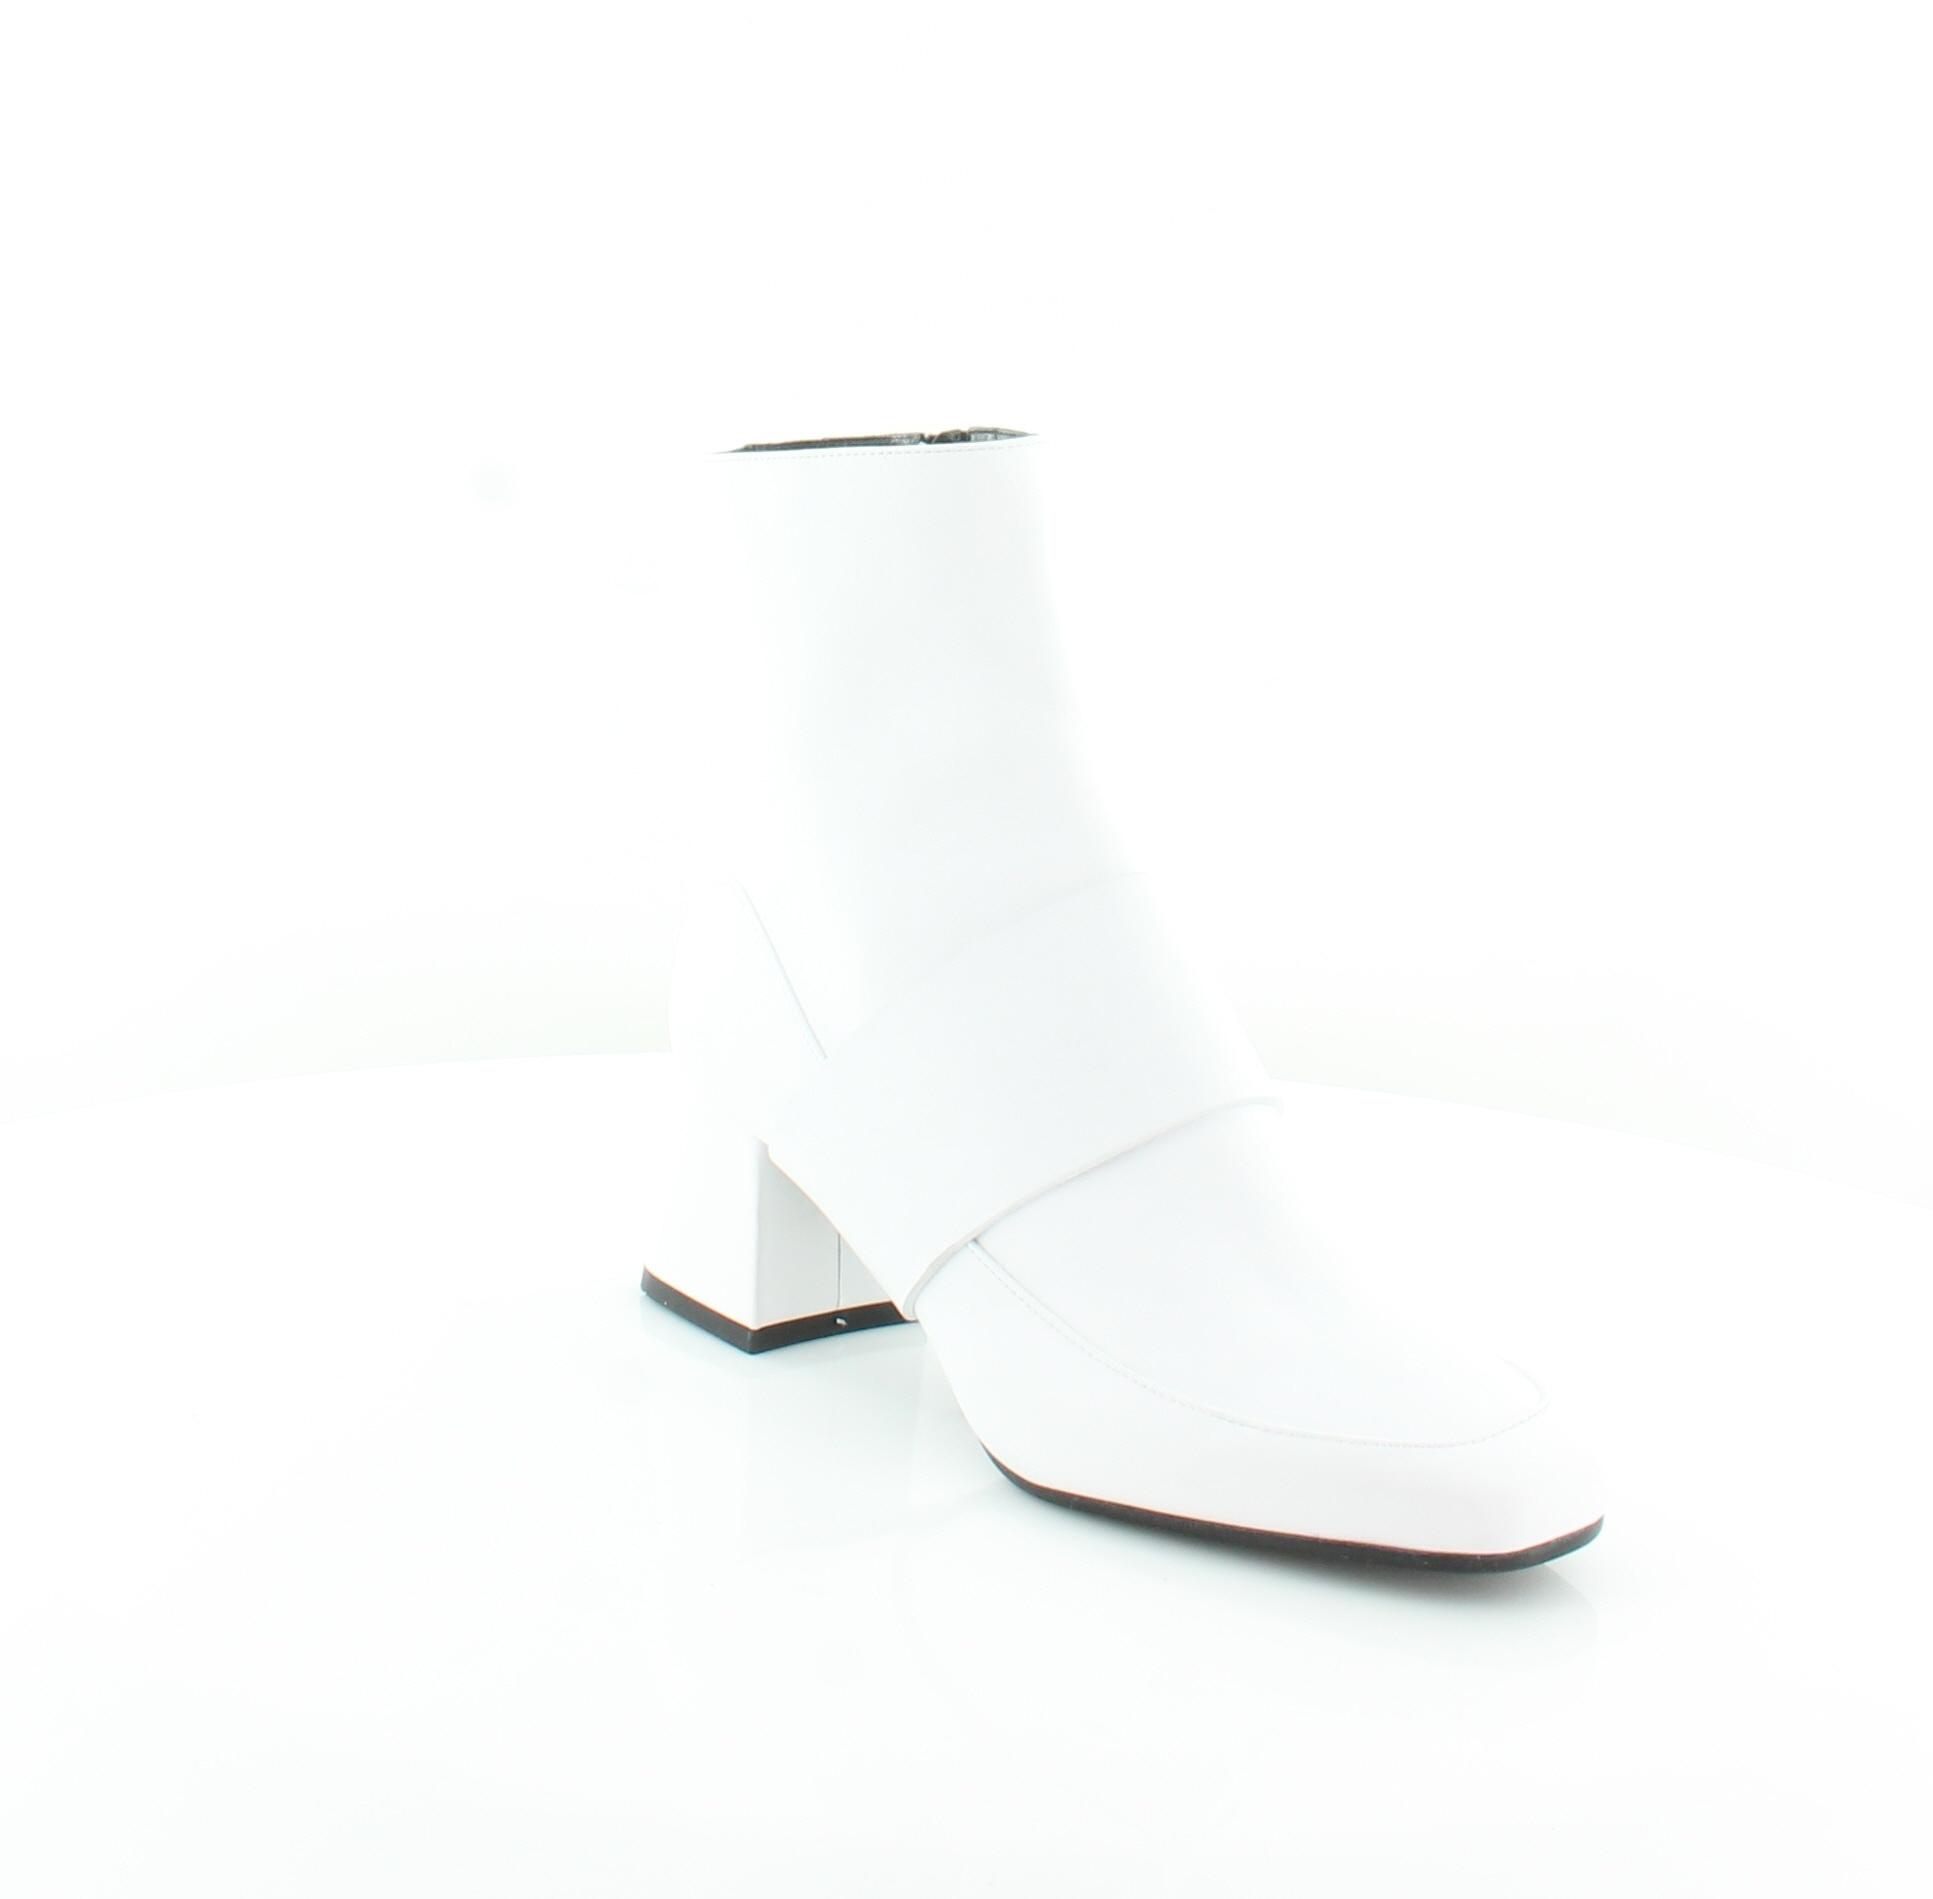 Pont Neuf orie Blanc Blanc Blanc Pour Femme Chaussures Taille 7 M Bottes fabricants Standard prix de détail  495 59f50f